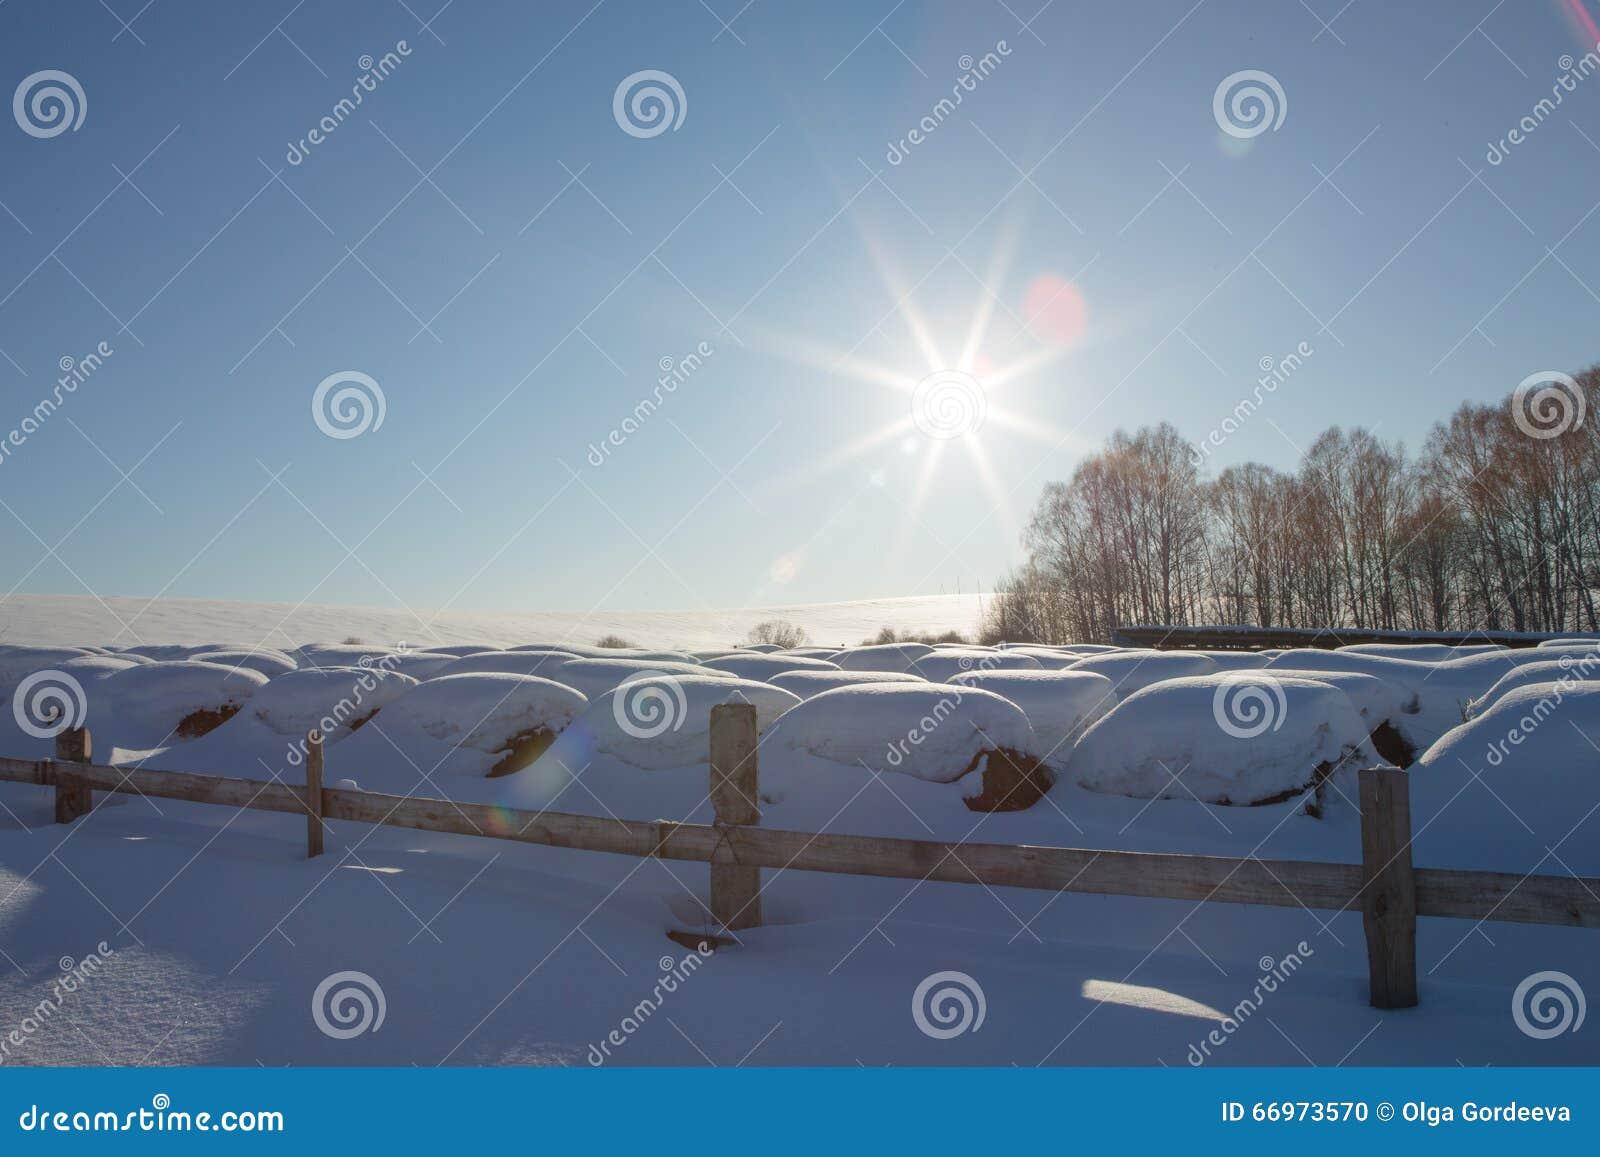 Ballen Heu auf einem Wintergebiet unter dem Schnee Heuschober im Bauernhof